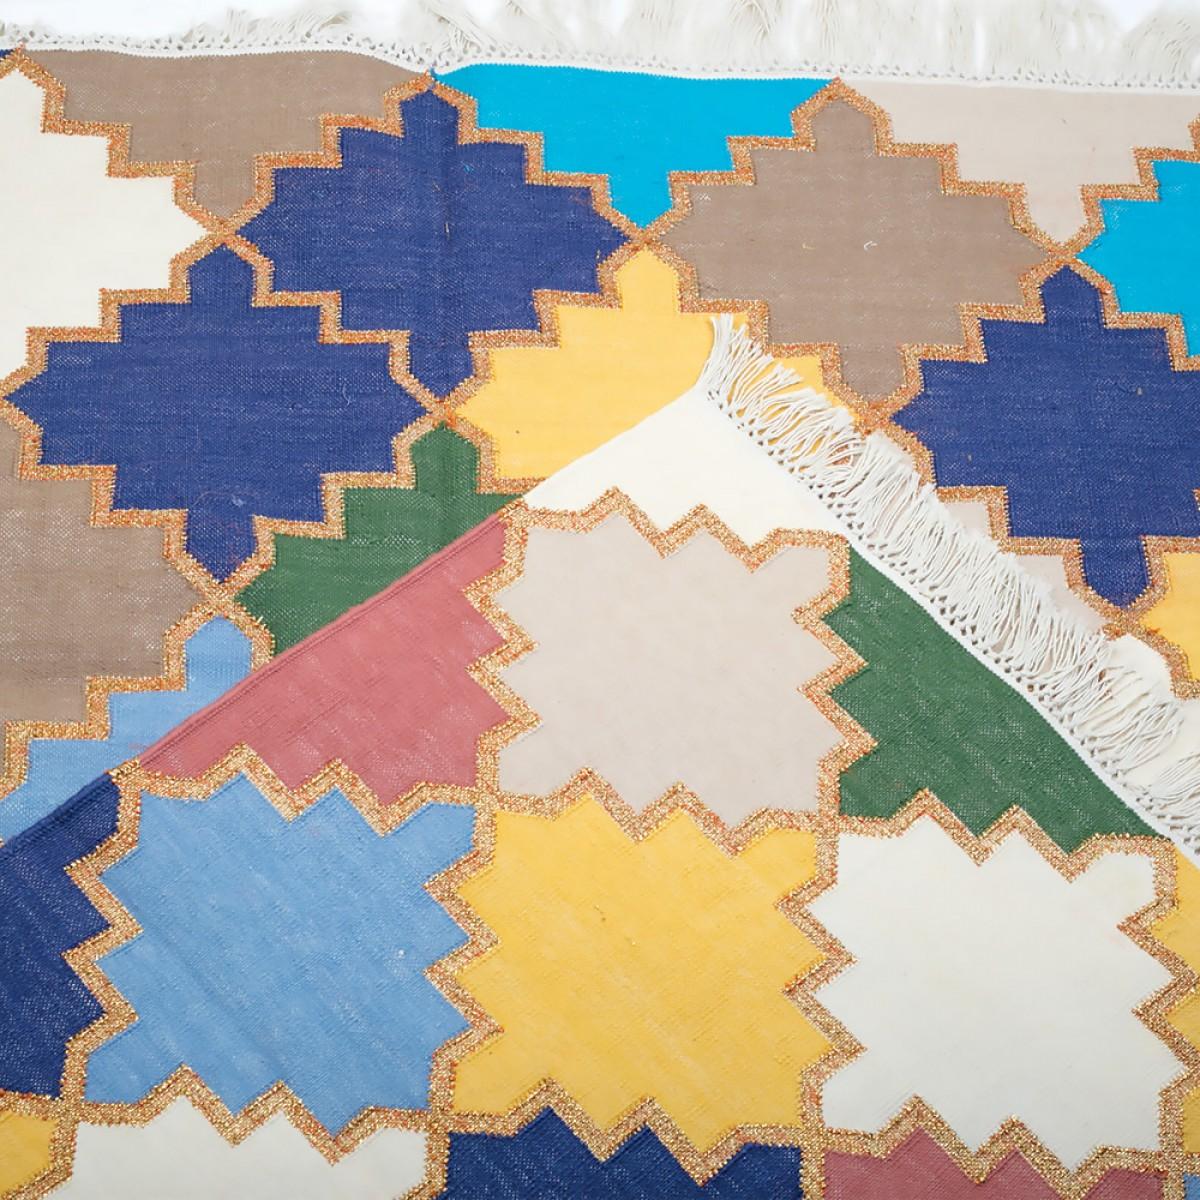 Cotton Floor Rugs - Multicolor